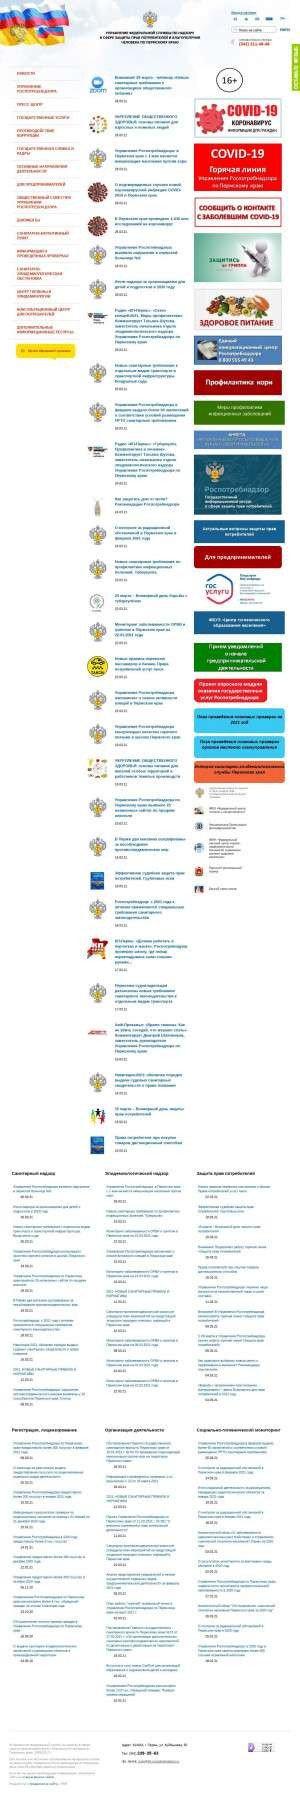 Предпросмотр для 59.rospotrebnadzor.ru — Управление Федеральной службы по надзору в сфере защиты прав потребителей и благополучия человека по Пермскому краю